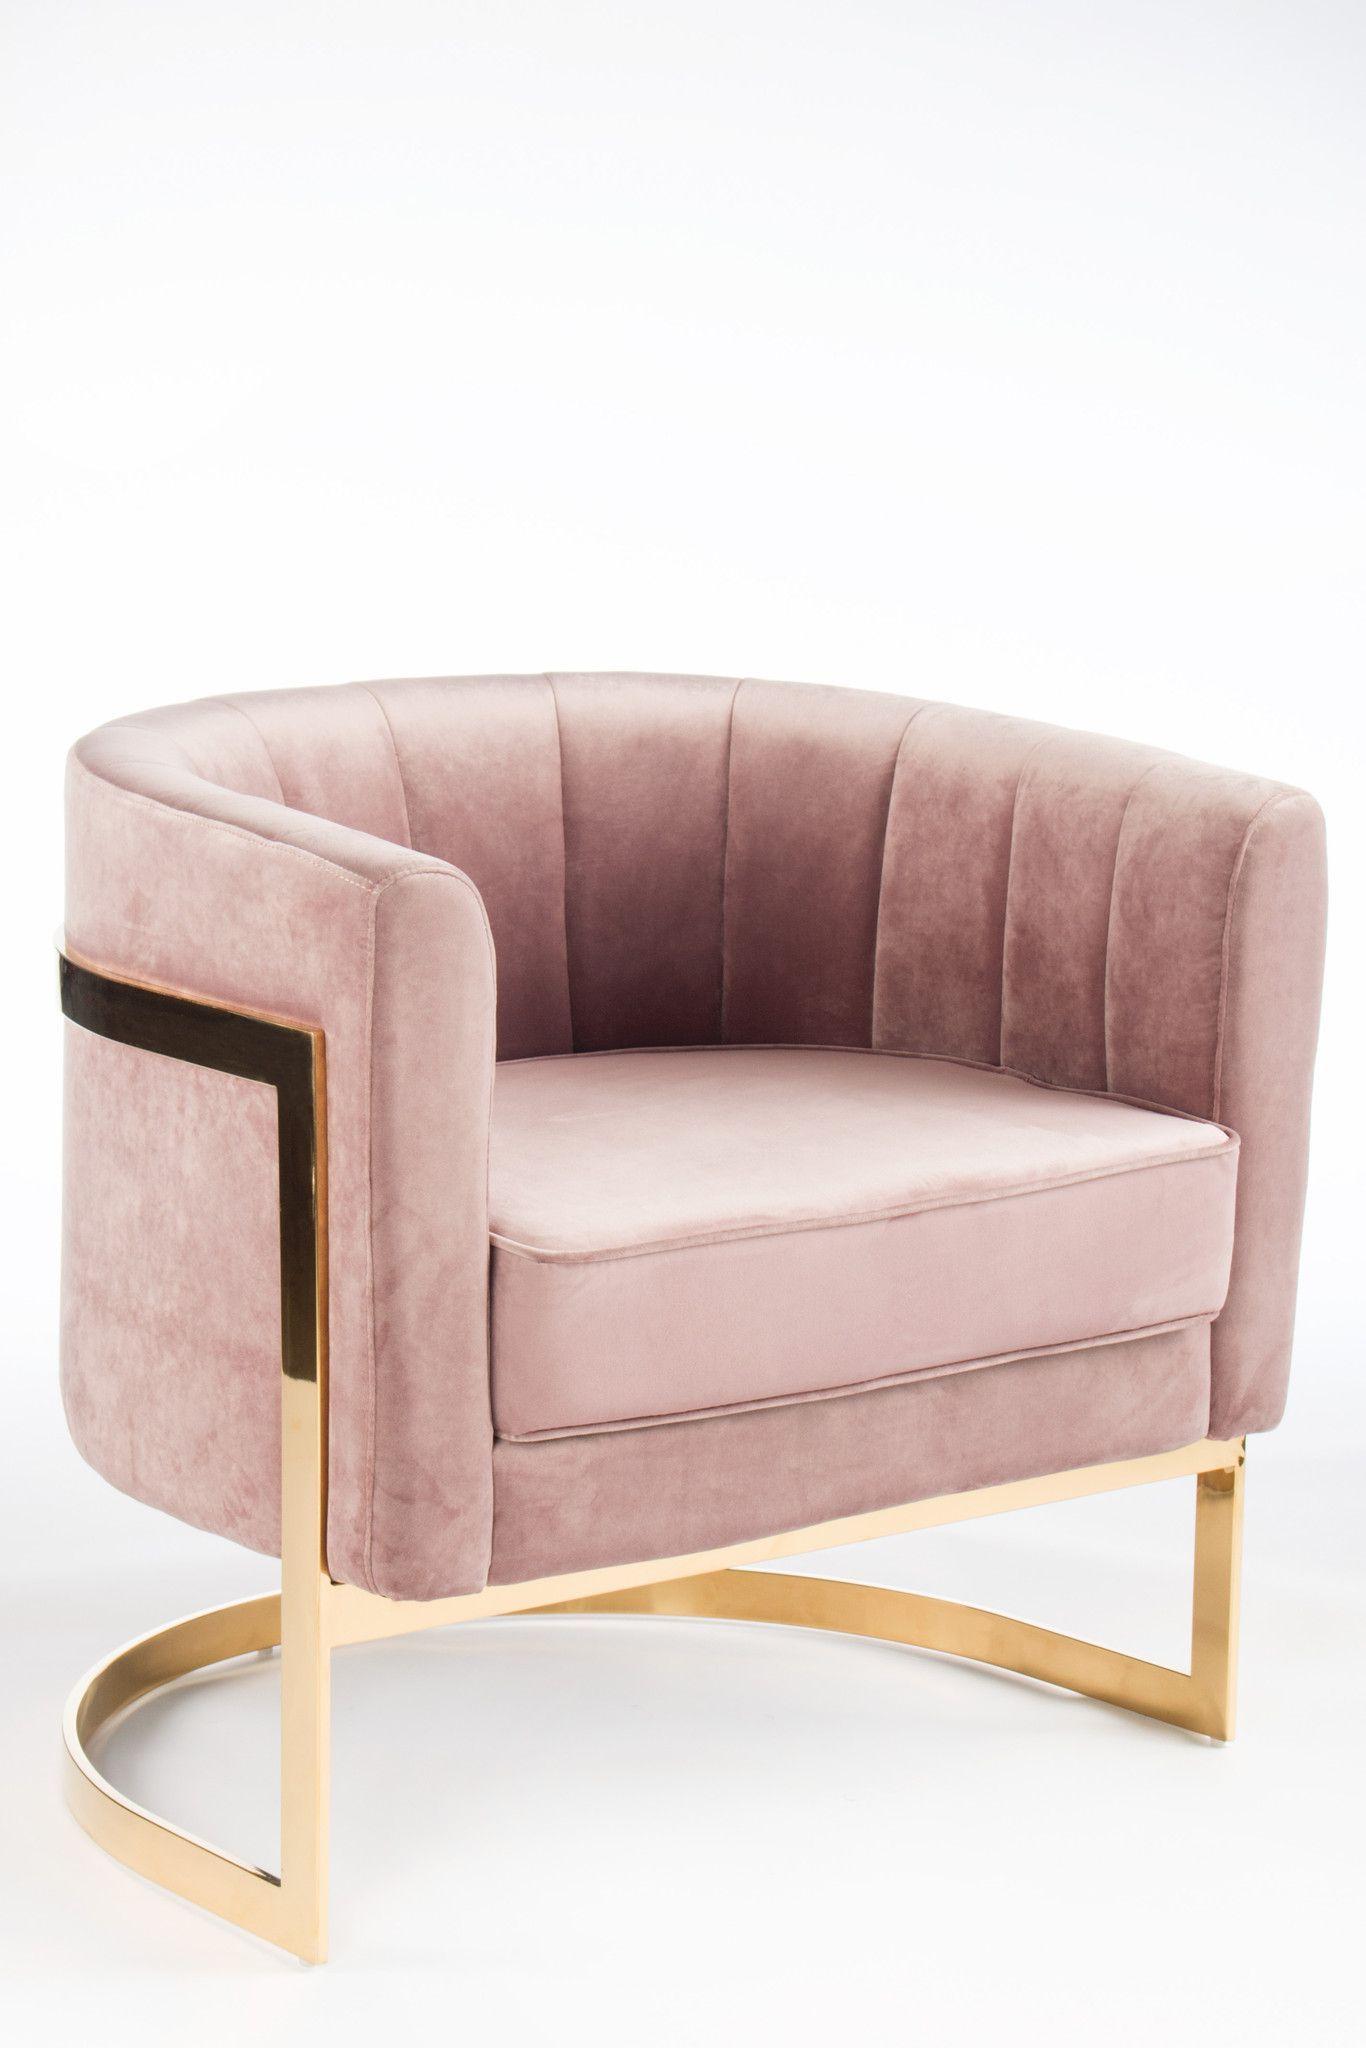 Pink Sofa Throw Cheap Throws Uk J 110p Mica Gold Club Chair Mauve D R E A M O